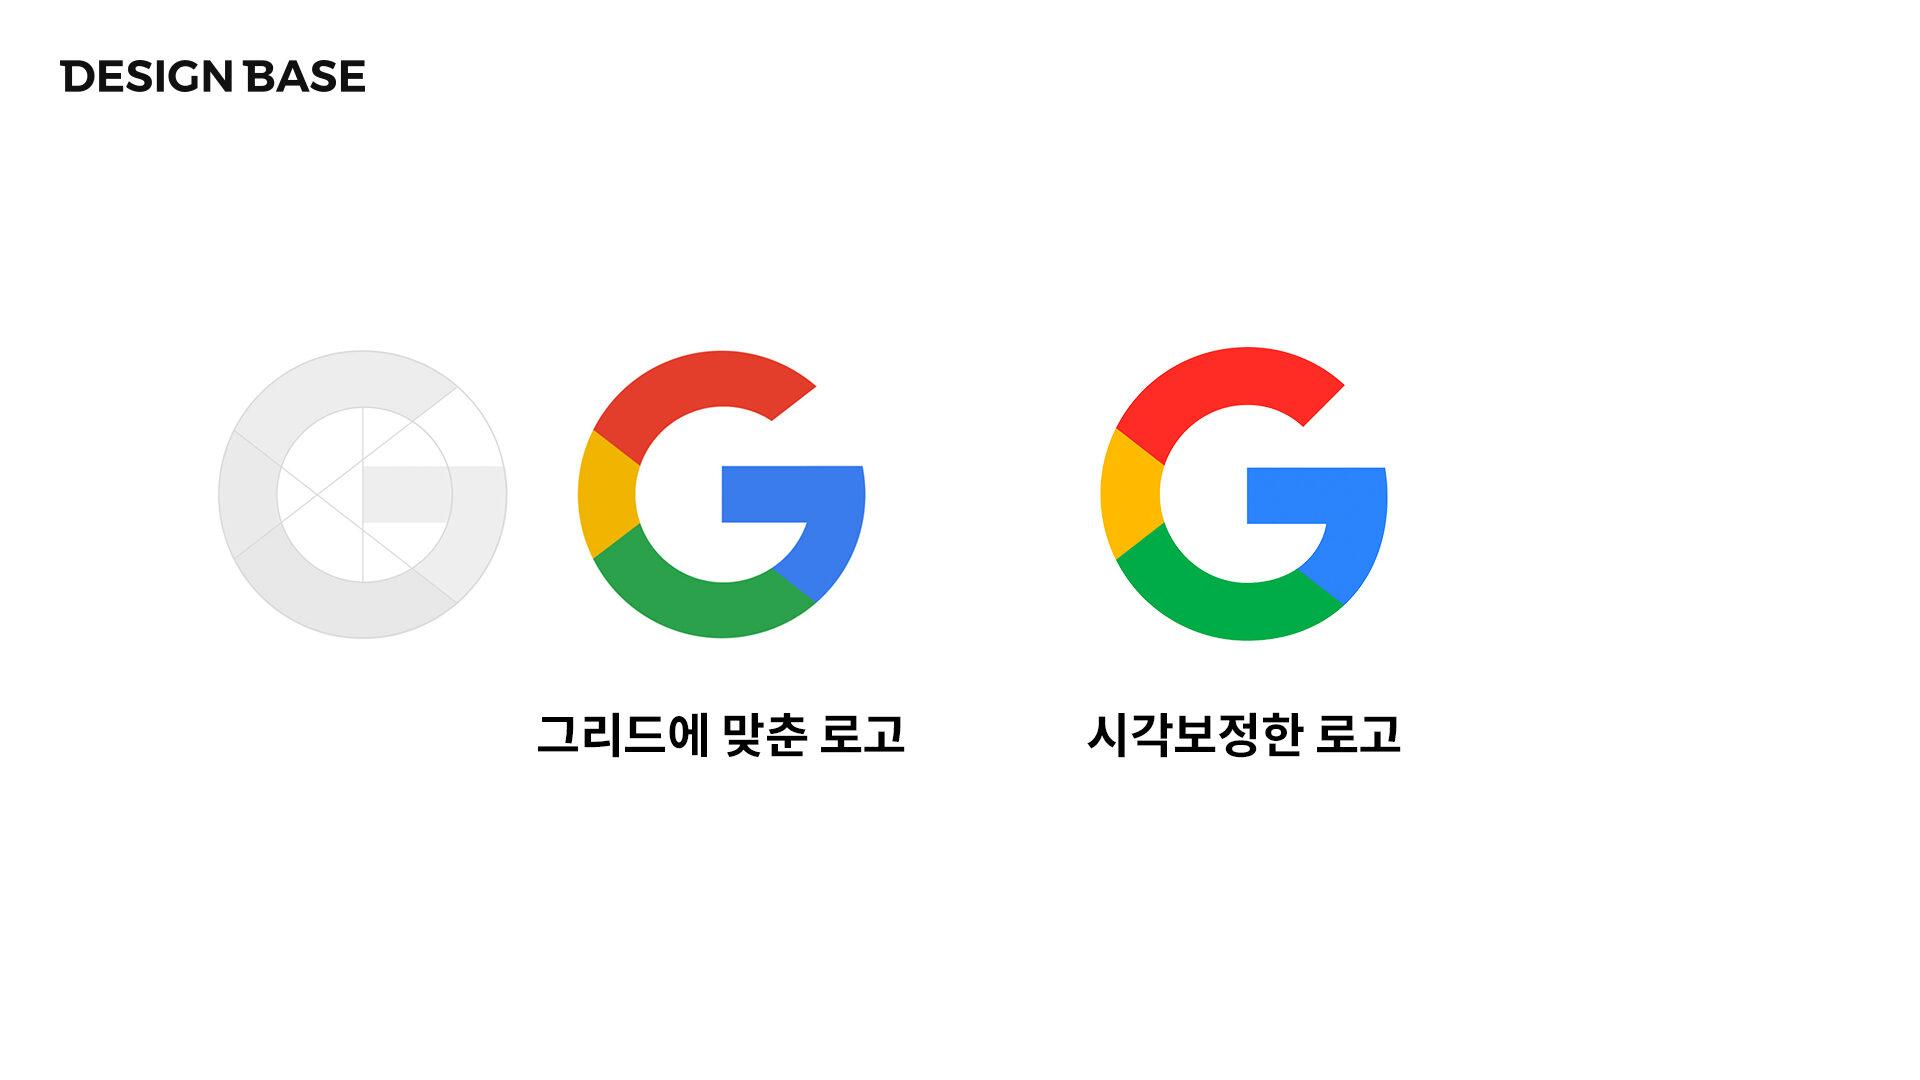 좌측은 기하학적 그리드에 맞춘 로고, 우측은 시각보정된 구글 로고